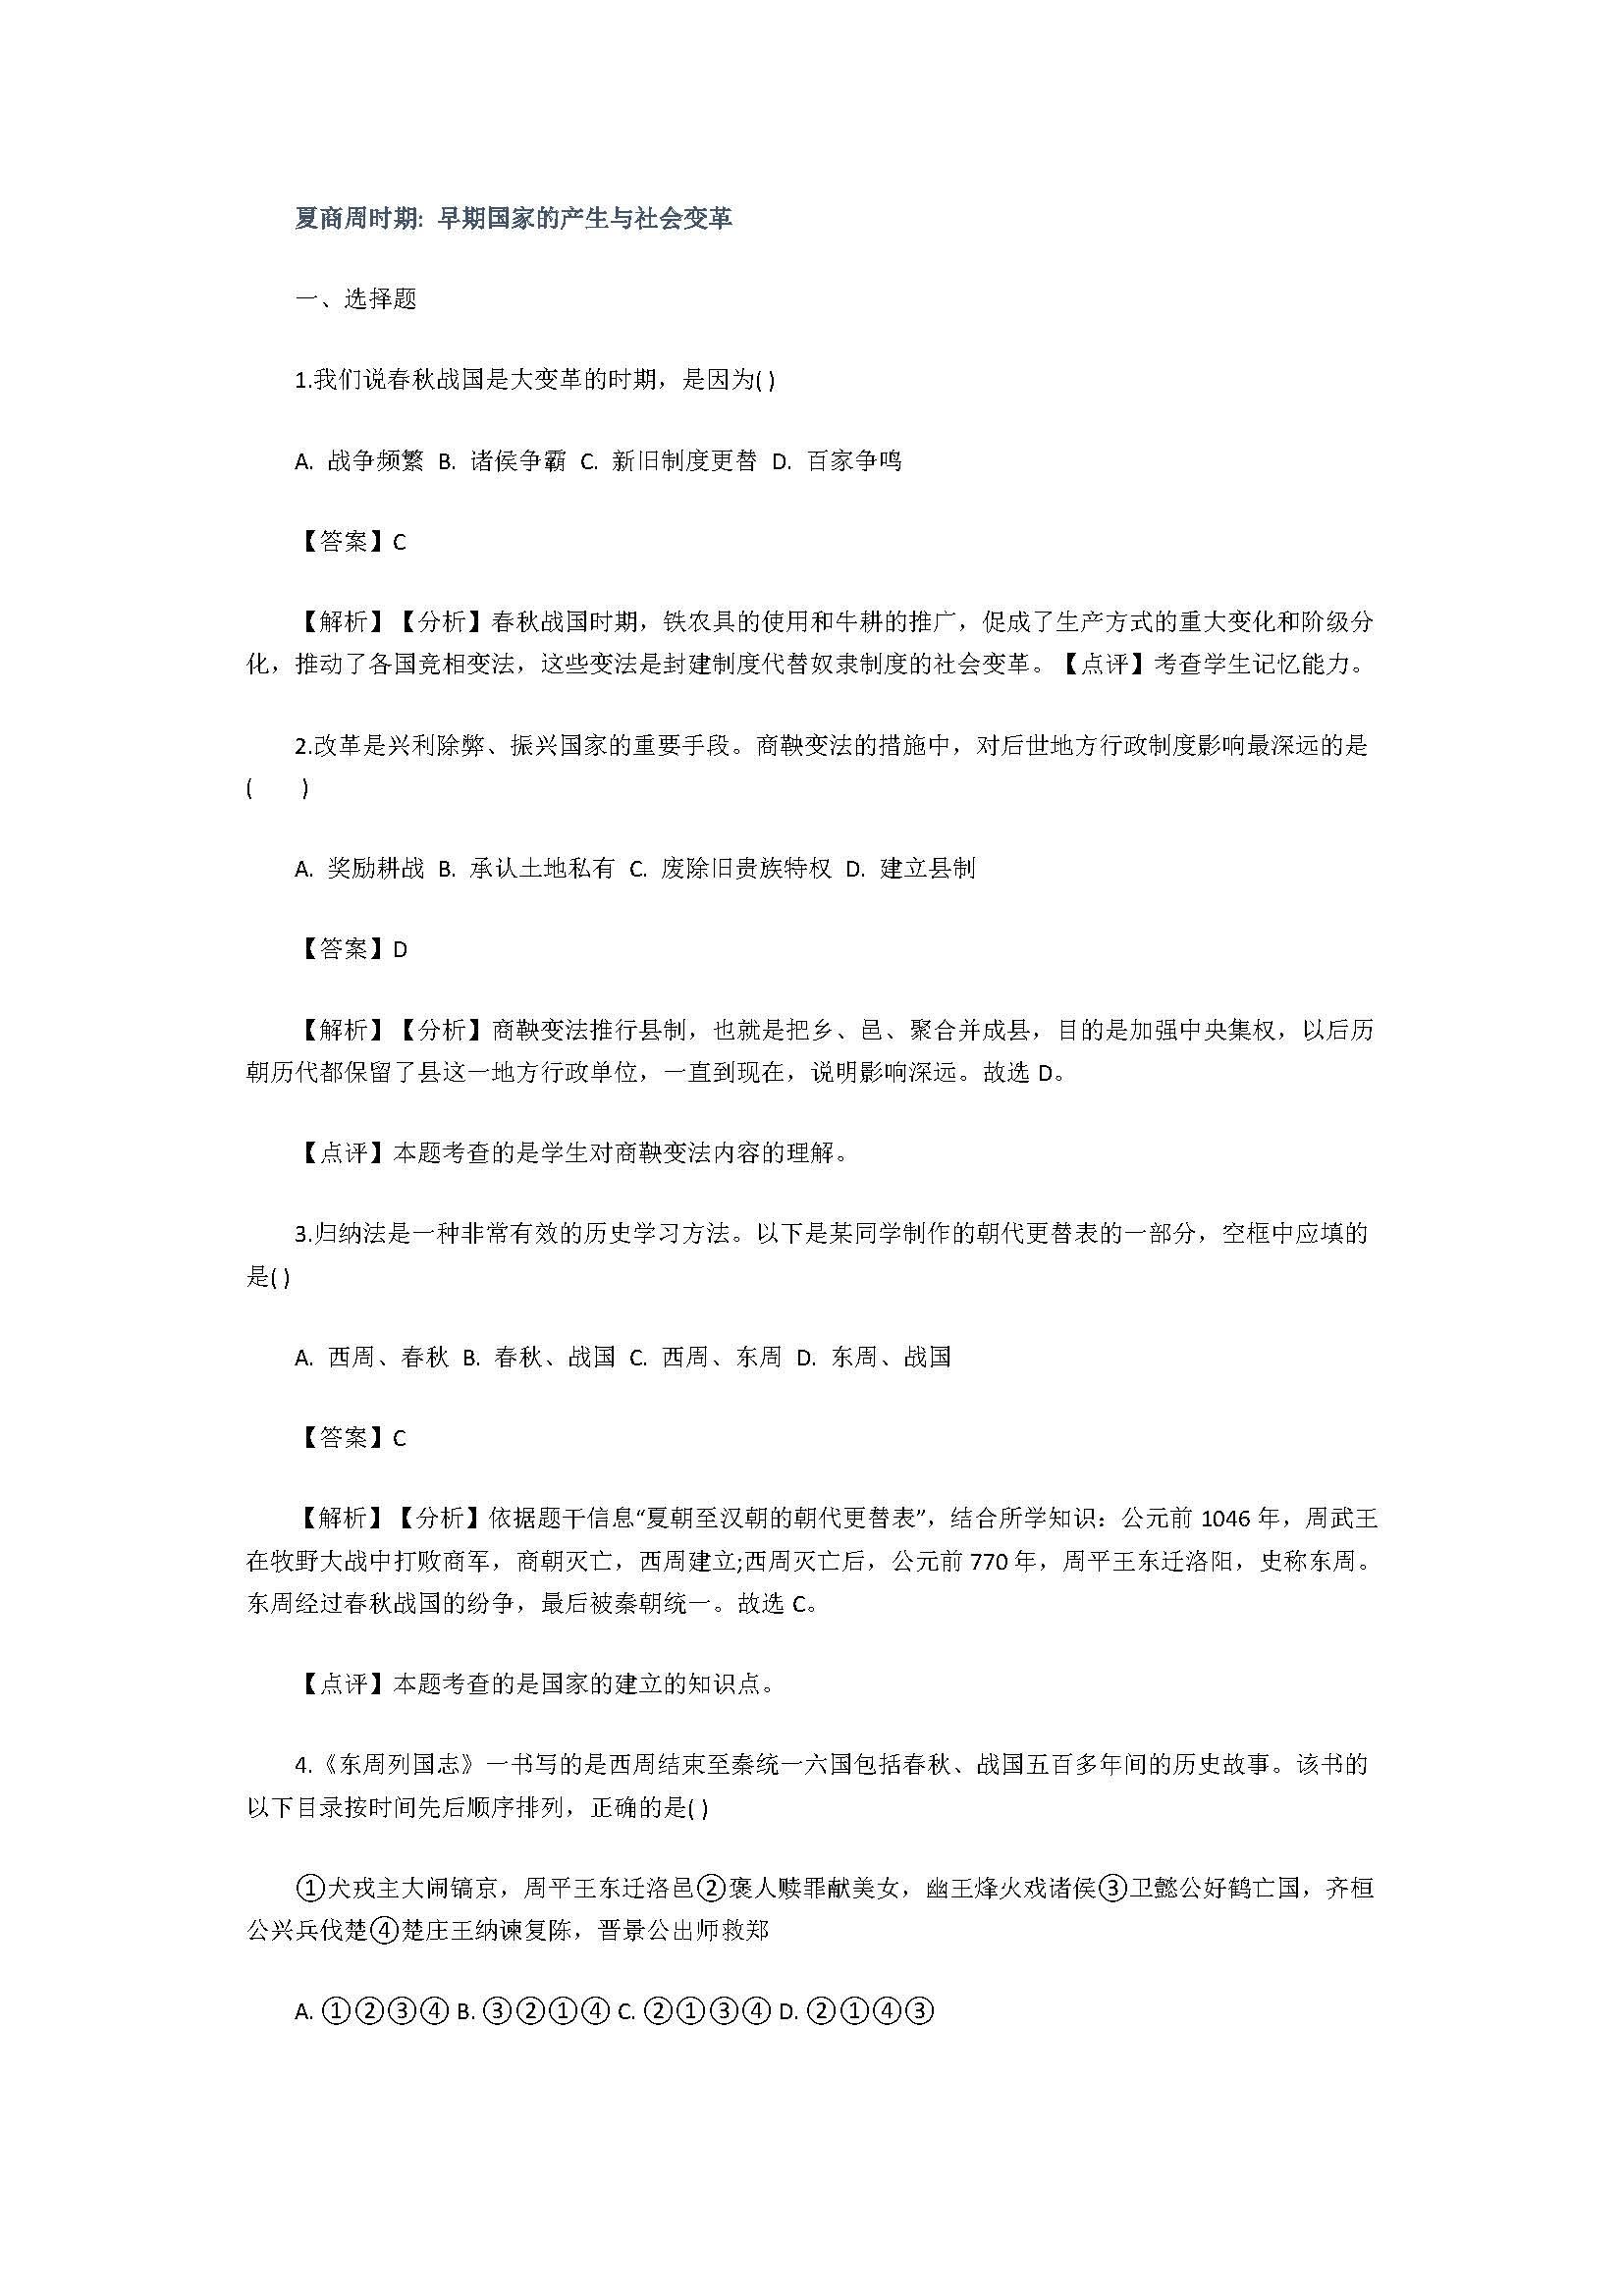 新人教版2018七年级历史上册单元测试题含答案(夏商周时期)